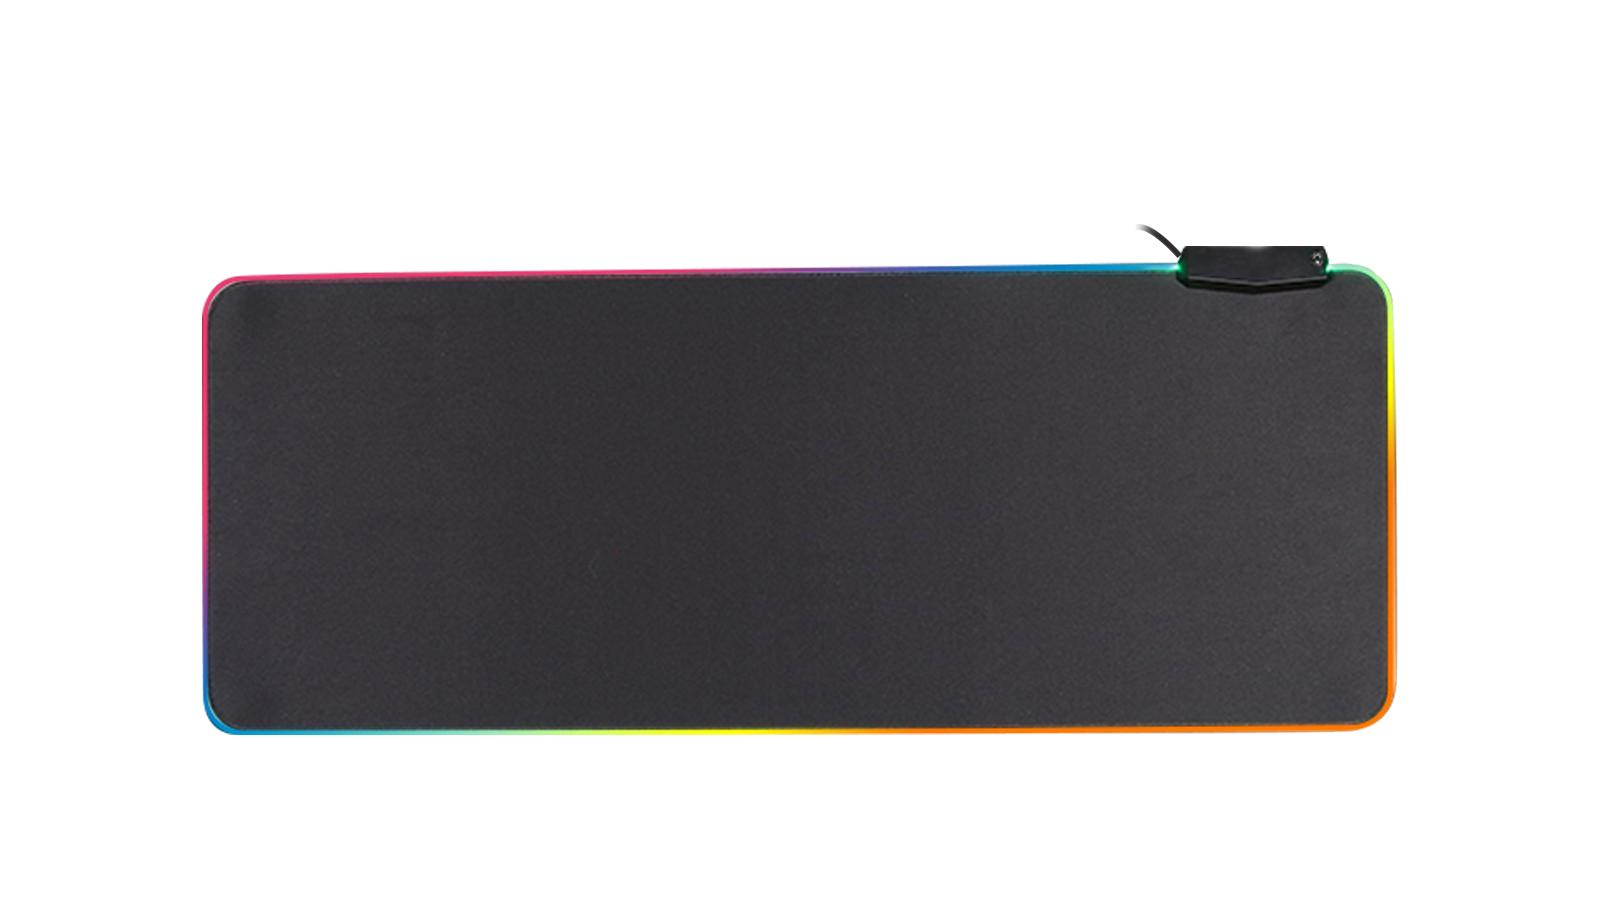 Cyfanwerthu Ky-P044 Pad Llygoden Gamblo Meddal RGB gyda phris da - KeyCEO